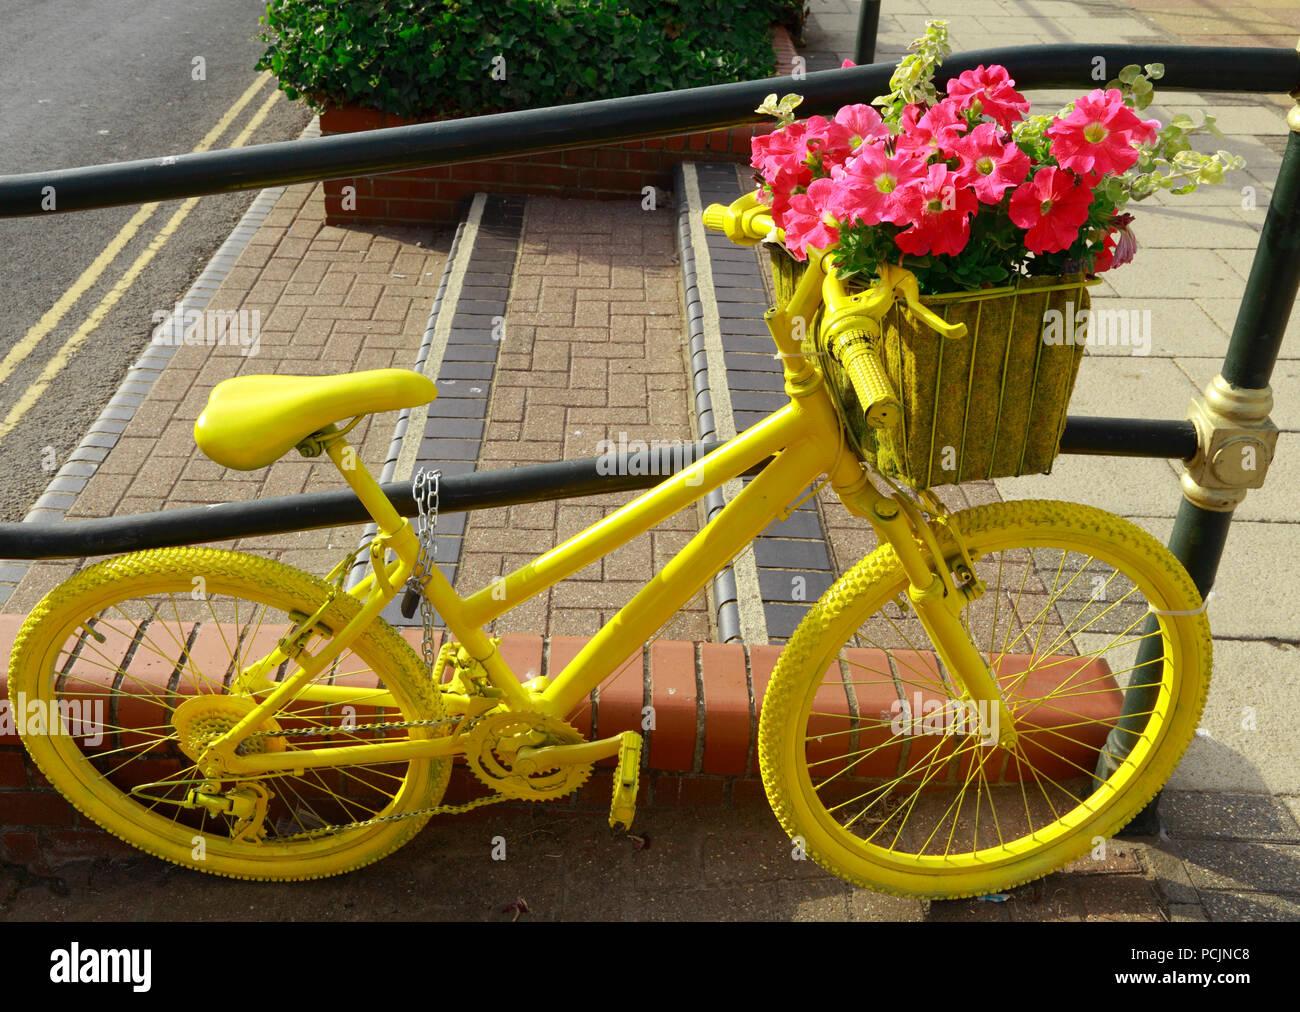 Hunstanton in Bloom, insolito contenitore per piante, verniciato giallo bicicletta Immagini Stock